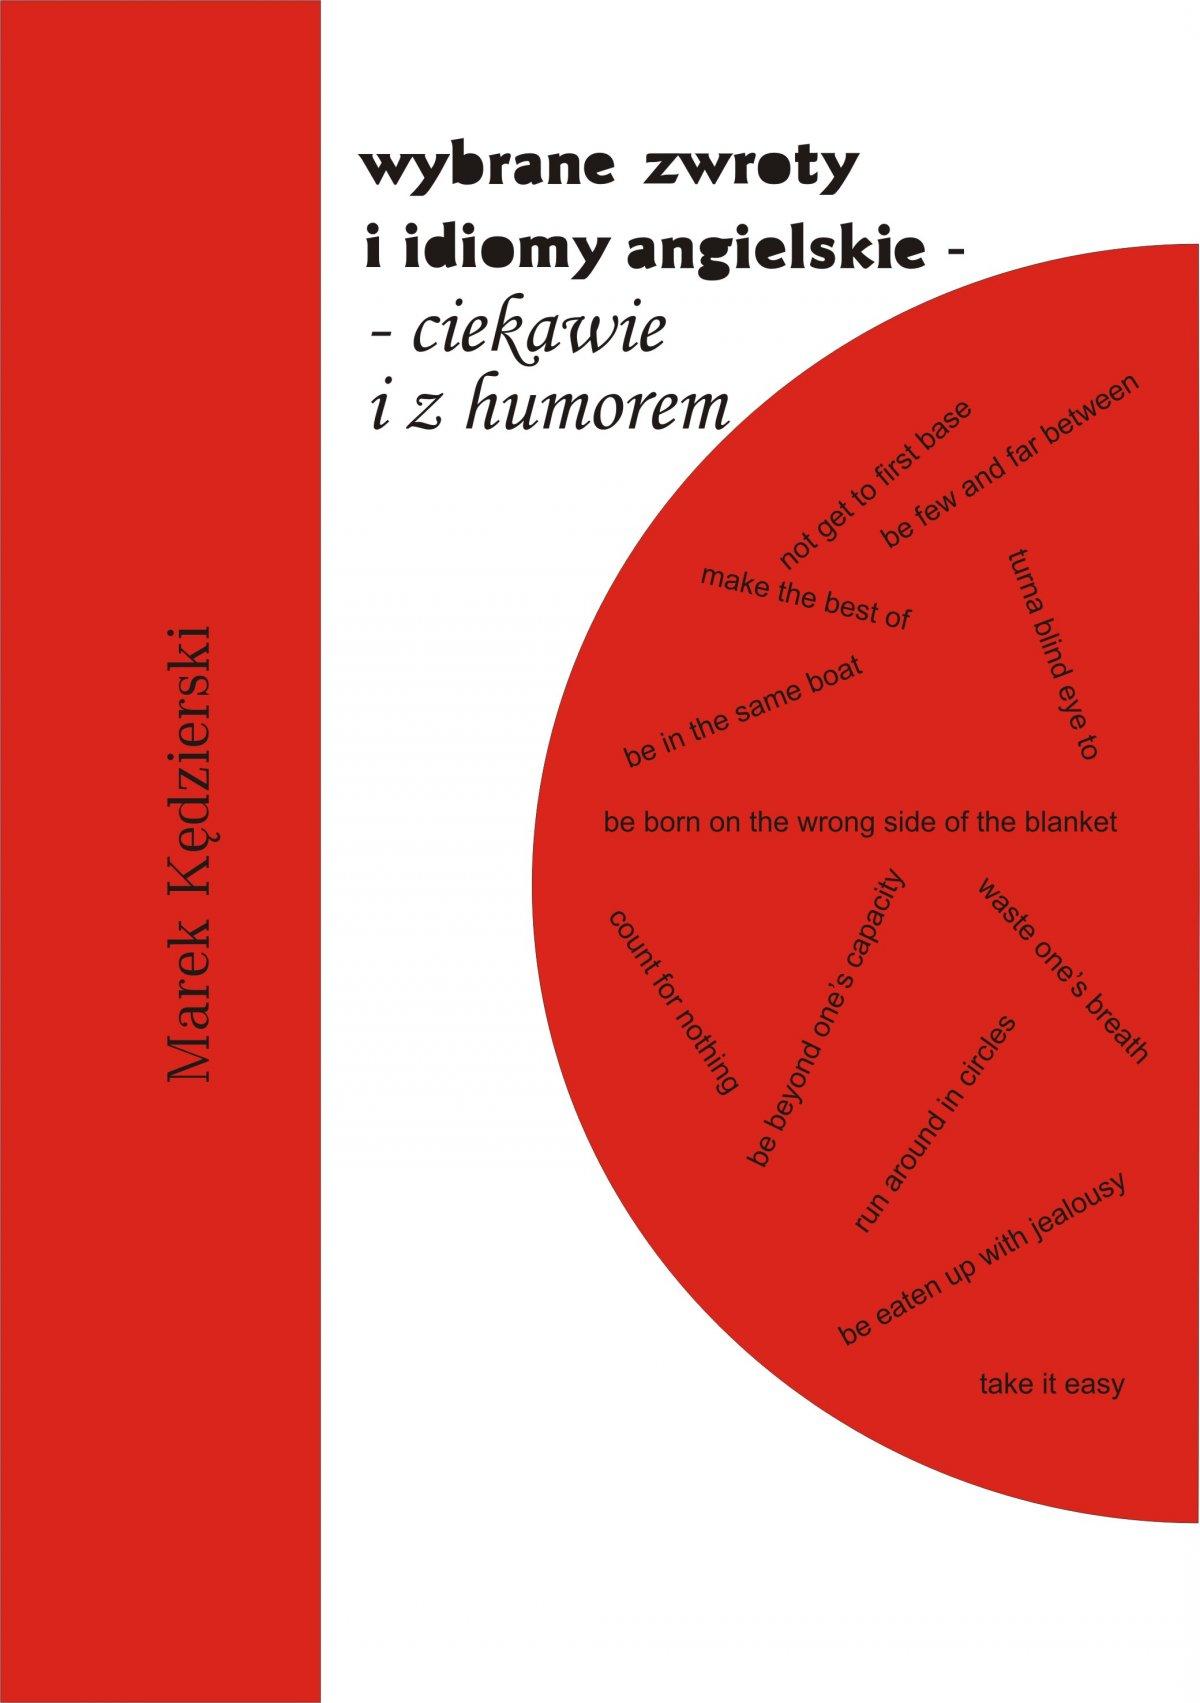 Wybrane zwroty i idiomy angielskie - ciekawie i z humorem - Ebook (Książka PDF) do pobrania w formacie PDF